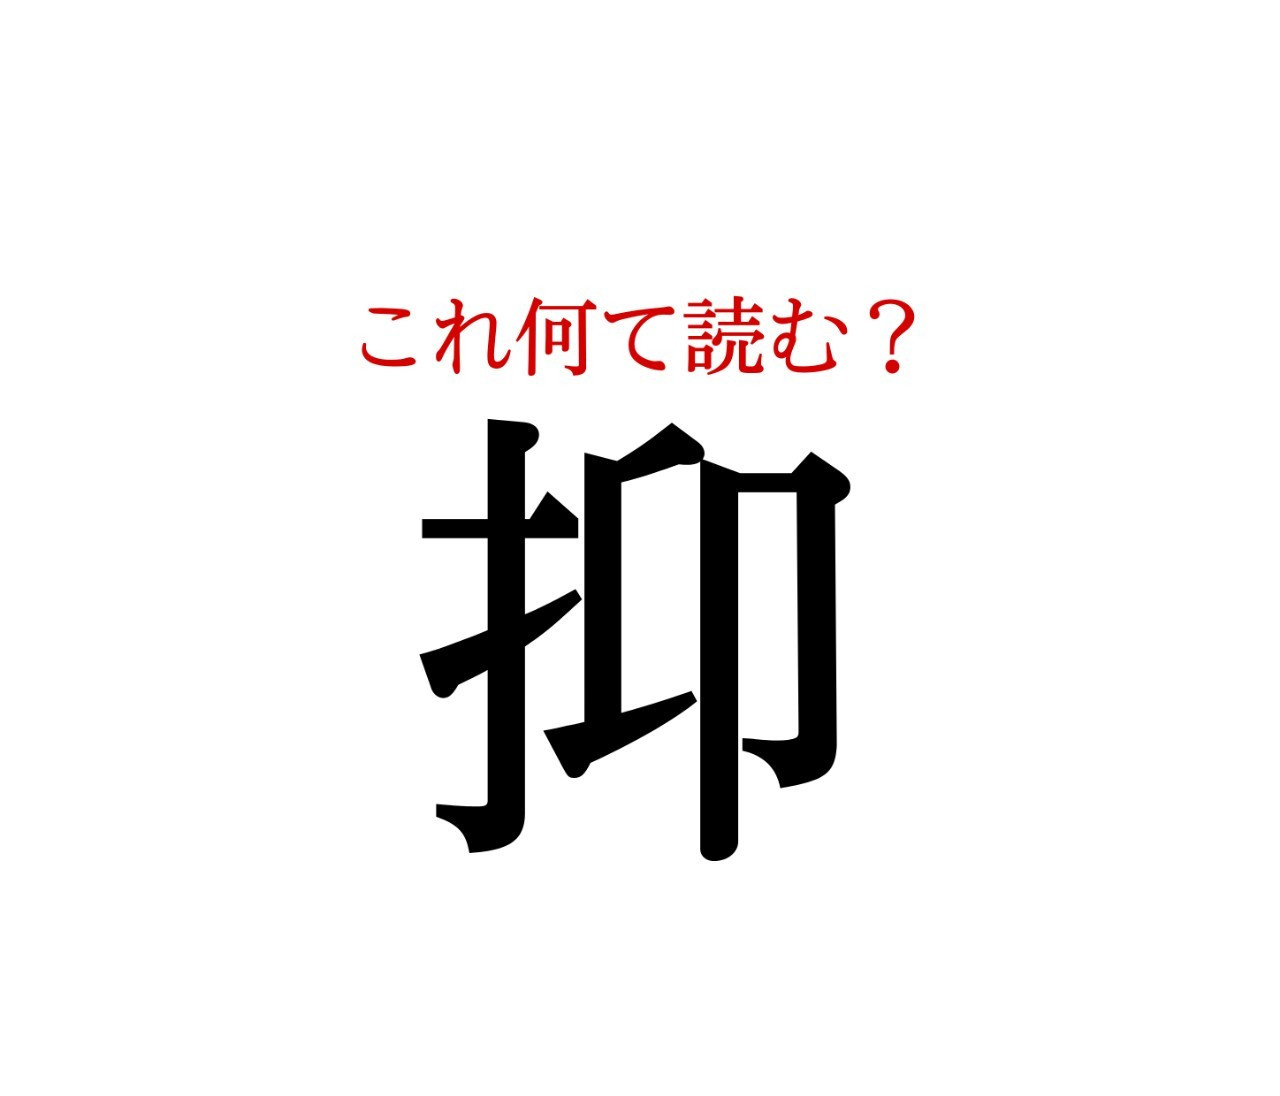 「抑」:この漢字、自信を持って読めますか?【働く大人の漢字クイズvol.94】